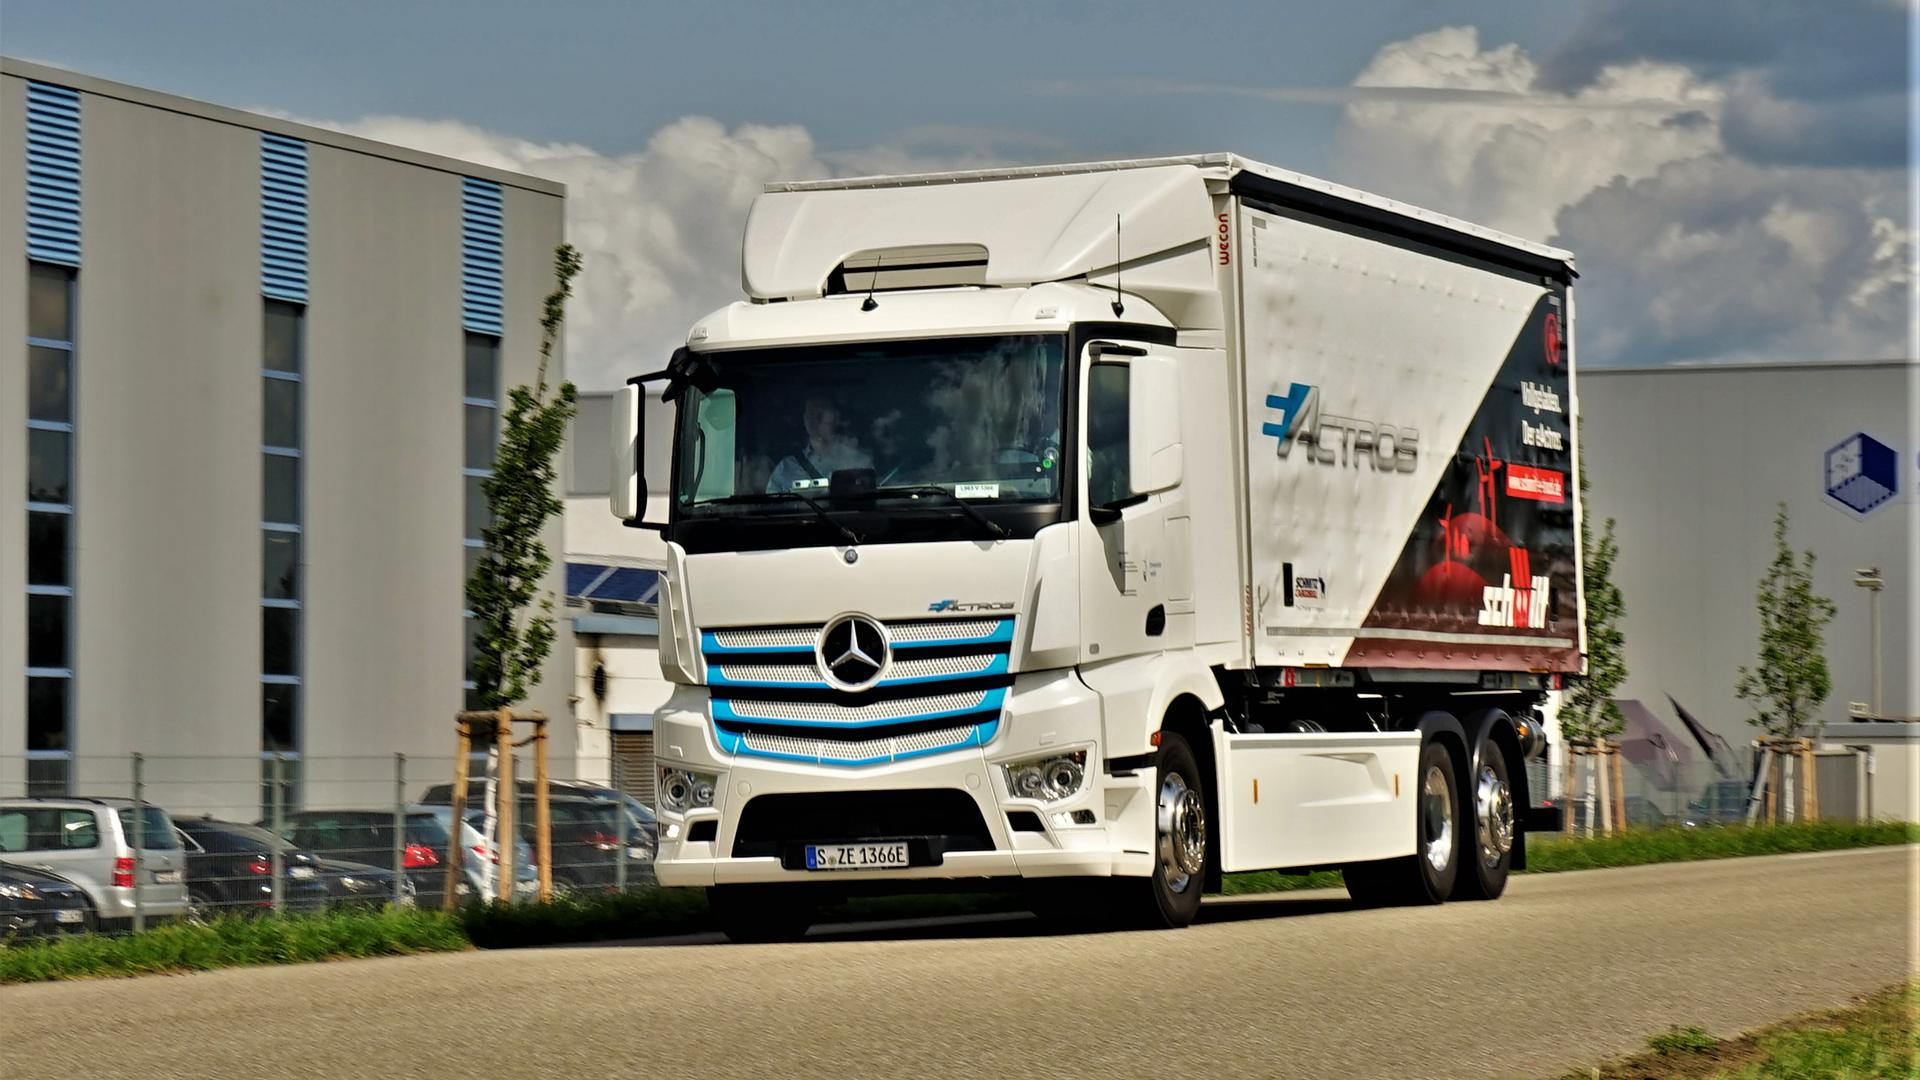 Pendelt zwischen Ötigheim und Rastatt: Der batteriebetriebene Lastwagen eActros von Daimler hat kein Getriebe wie Verbrenner. Deswegen entfällt für die Fahrer das Rucken beim Gangwechsel. Außerdem beschleunigt der Stromer schneller als ein herkömmlicher Lastwagen.